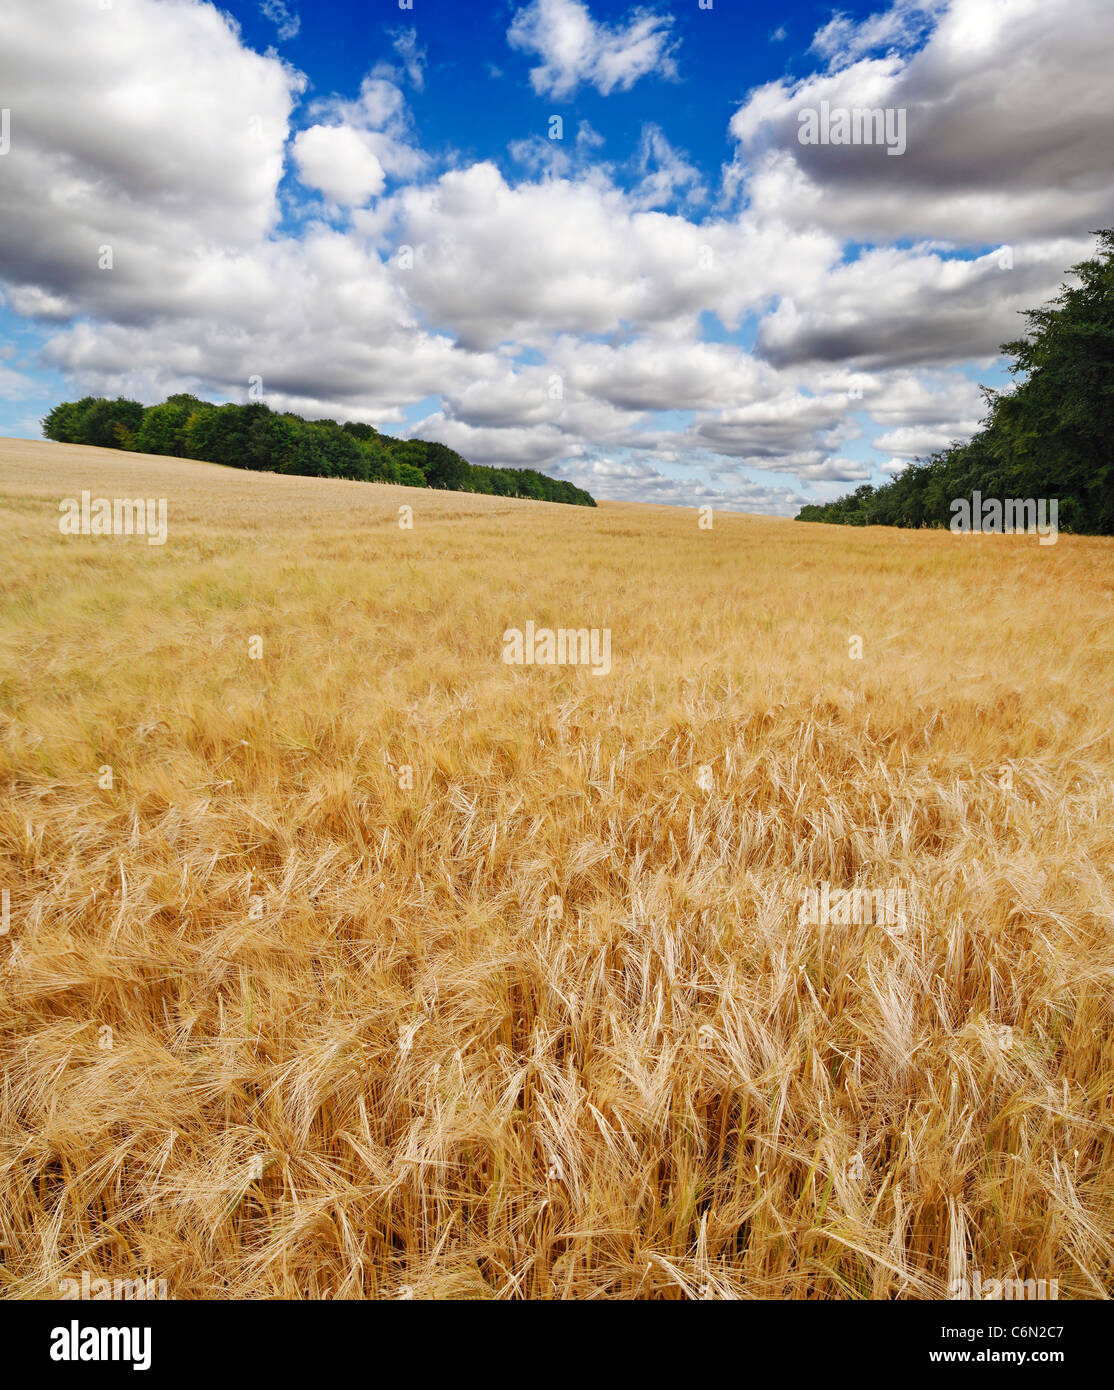 Campo di orzo, Knighton, Oxfordshire, Regno Unito. Immagini Stock